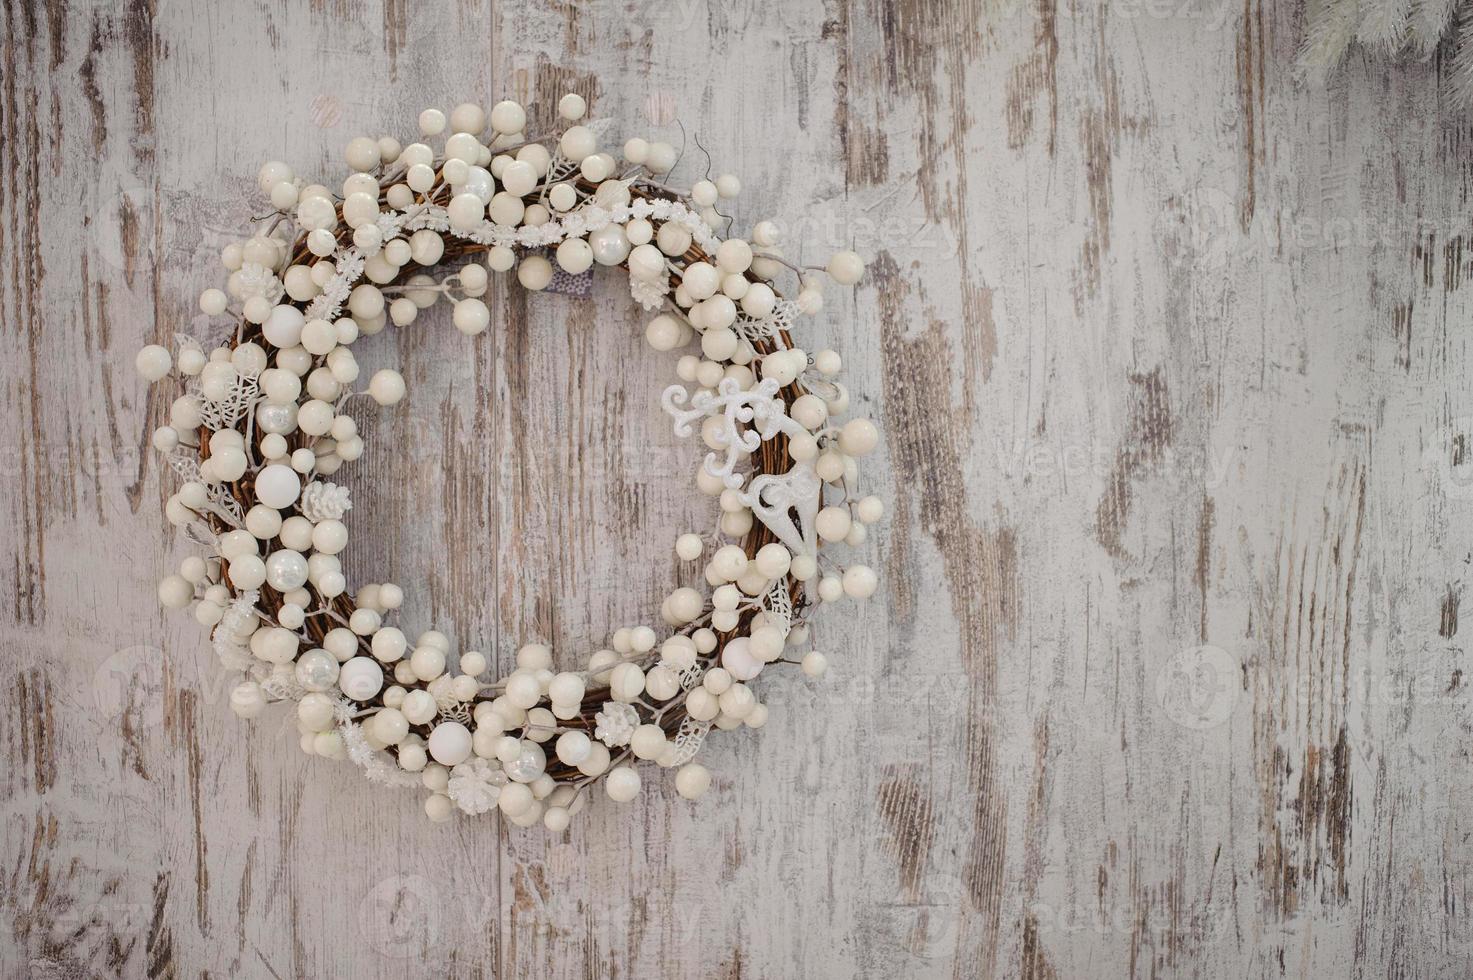 guirlanda decorativa de natal branco sobre fundo de madeira foto